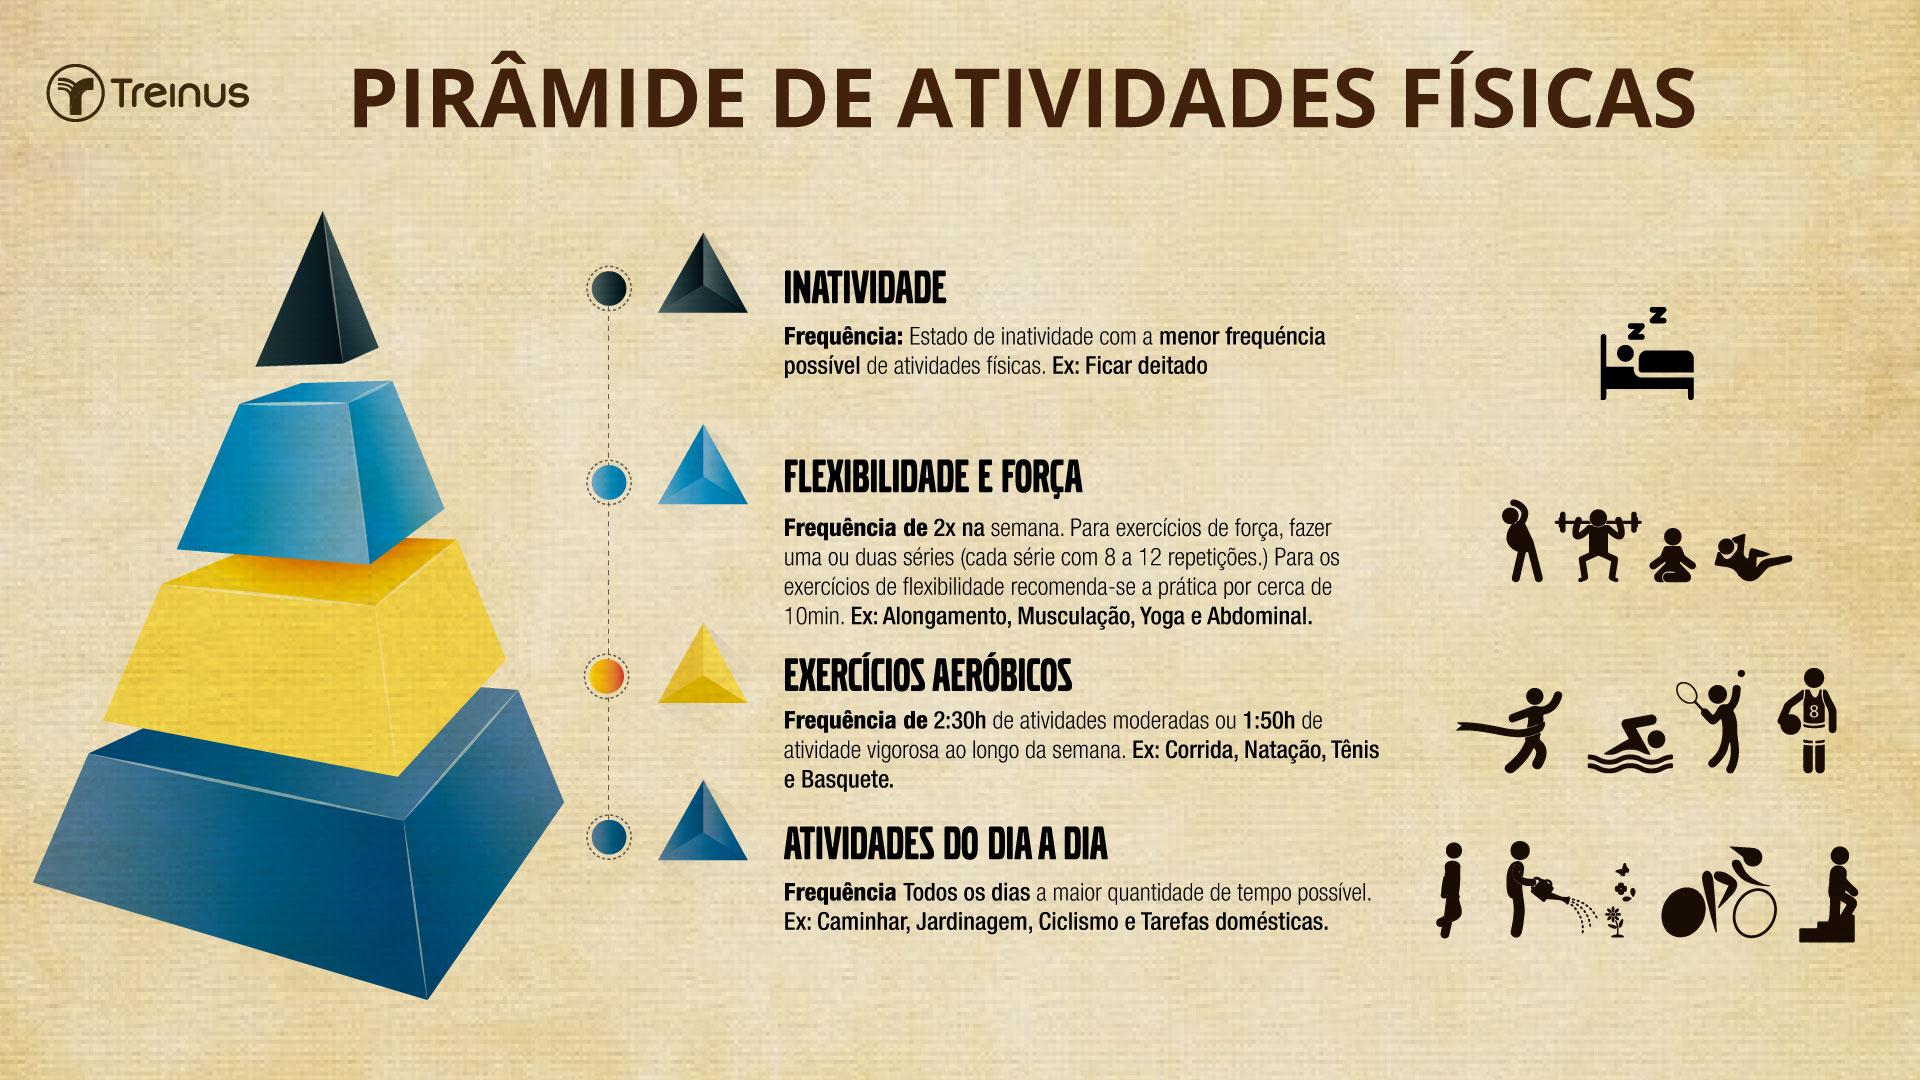 infográfico de pirâmide de atividades físicas